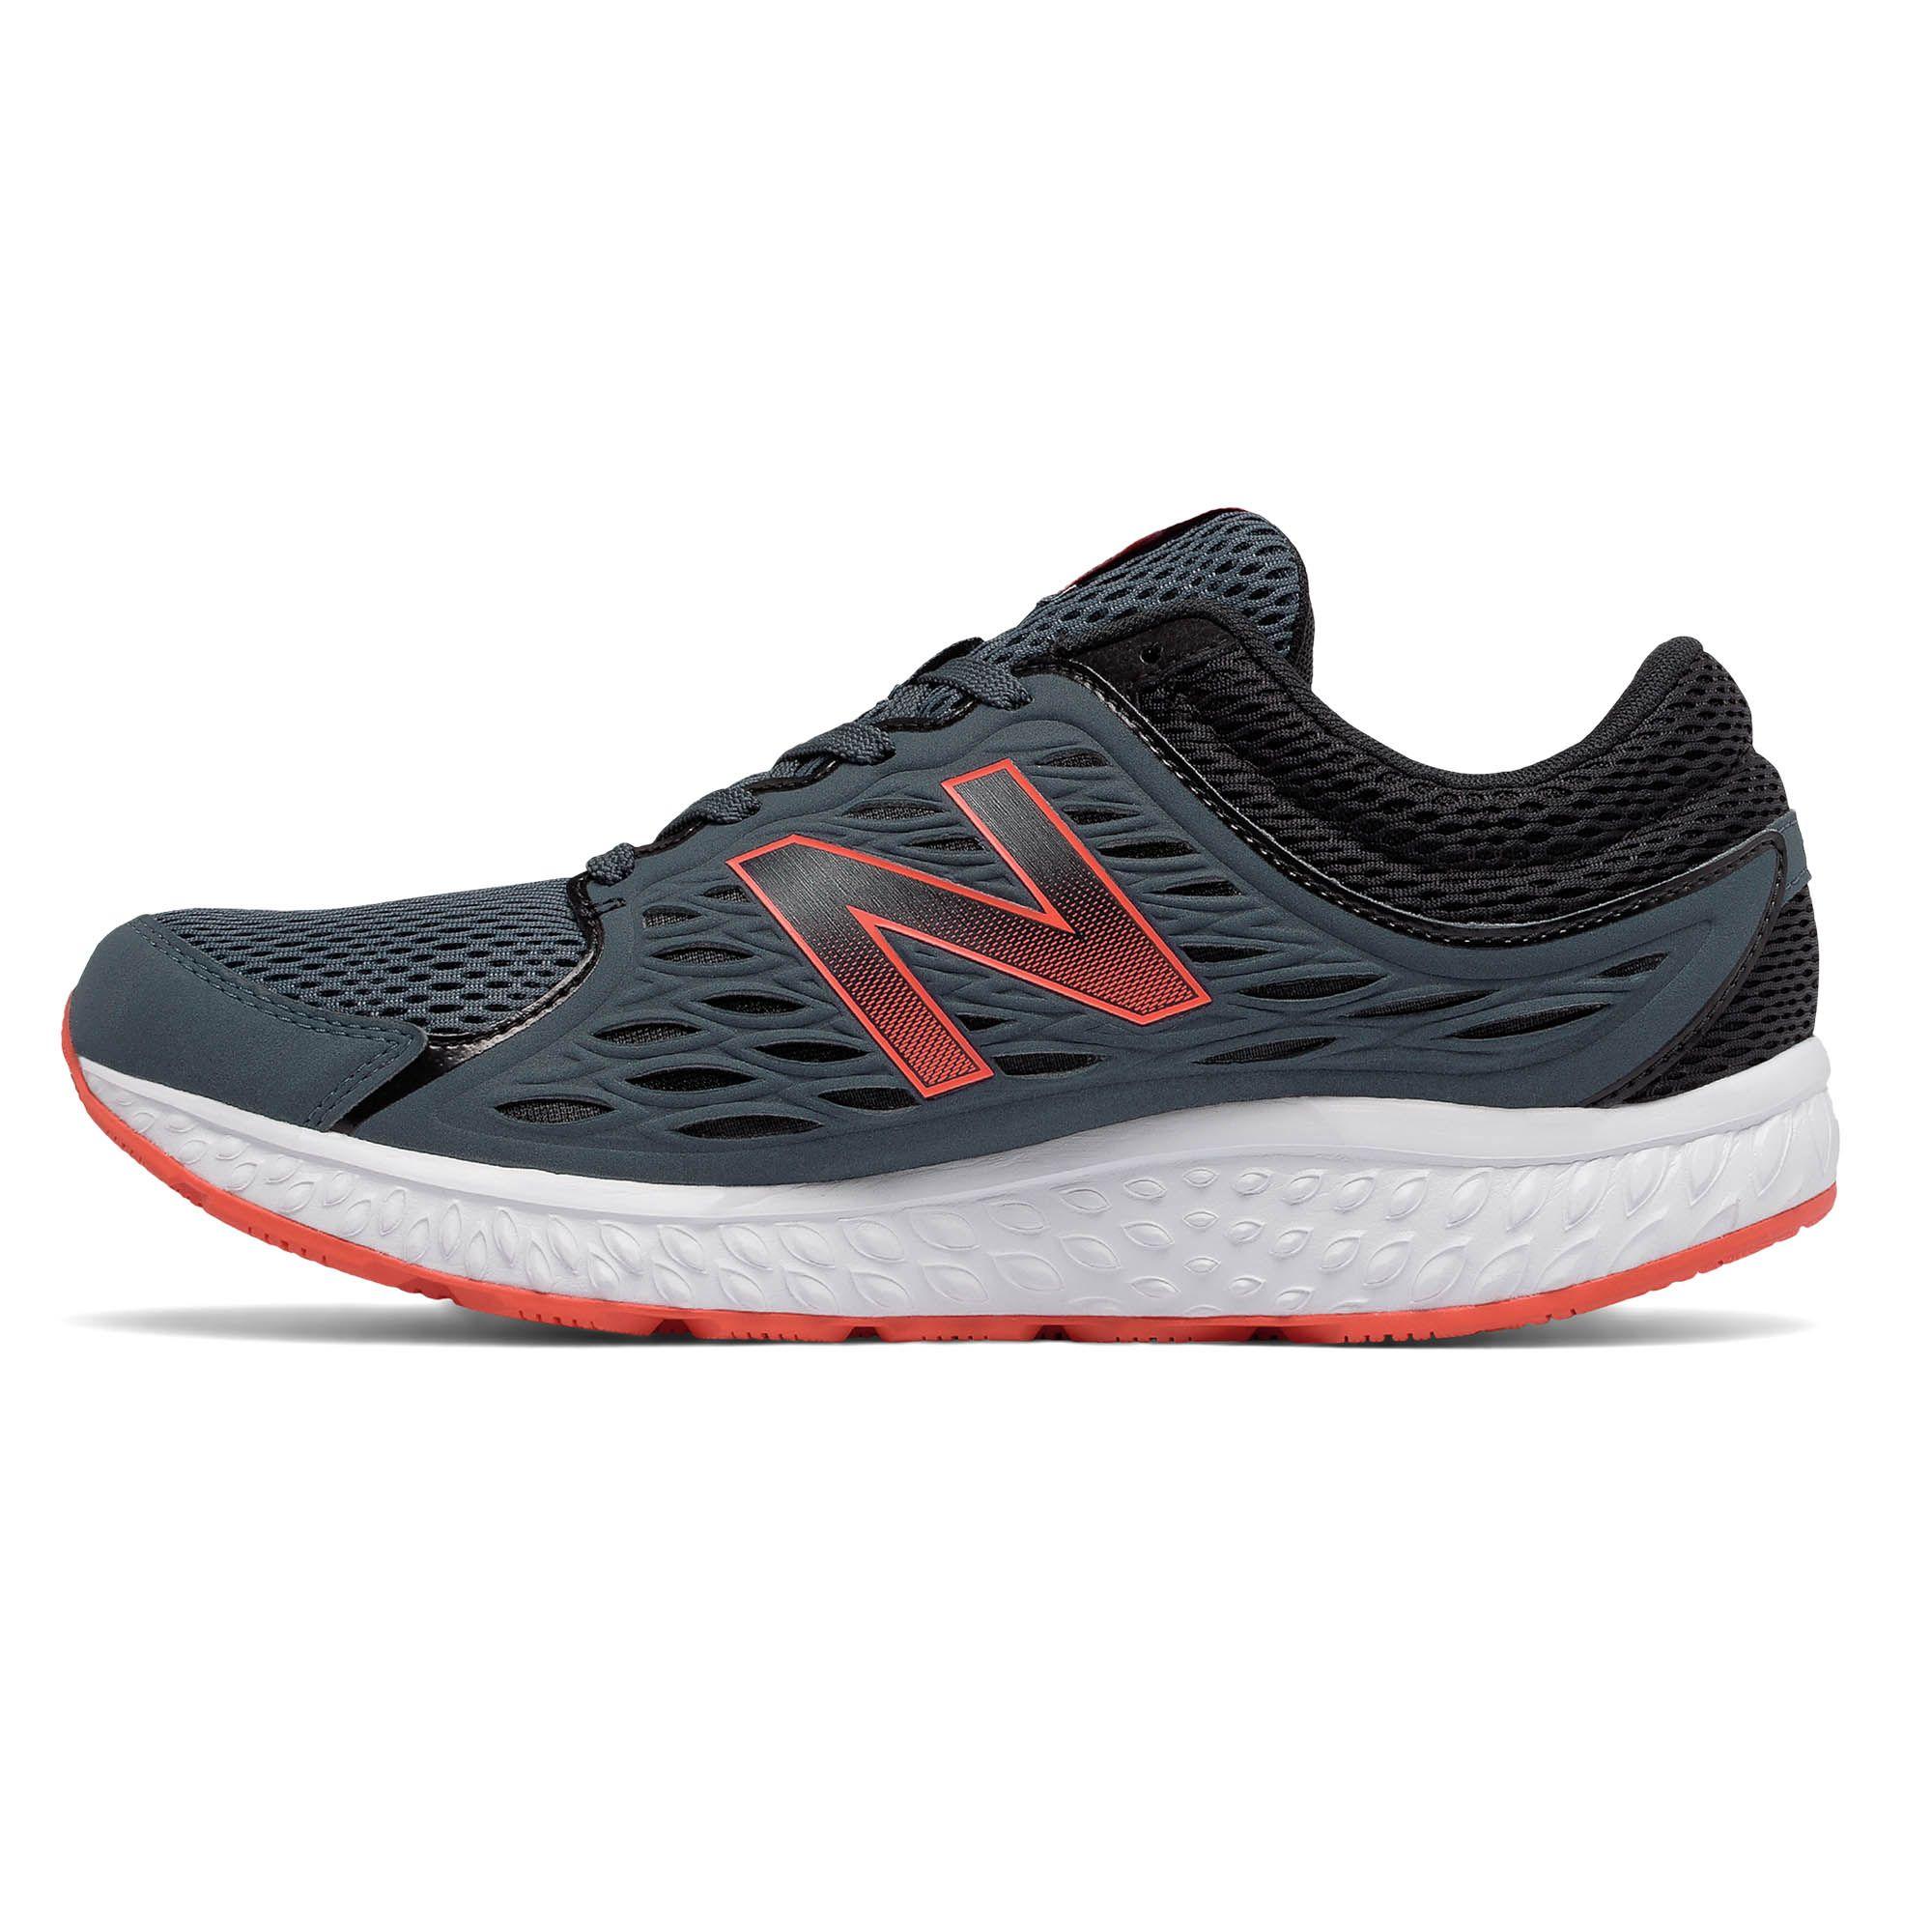 new balance 420 v3 mens running shoes ss17. Black Bedroom Furniture Sets. Home Design Ideas